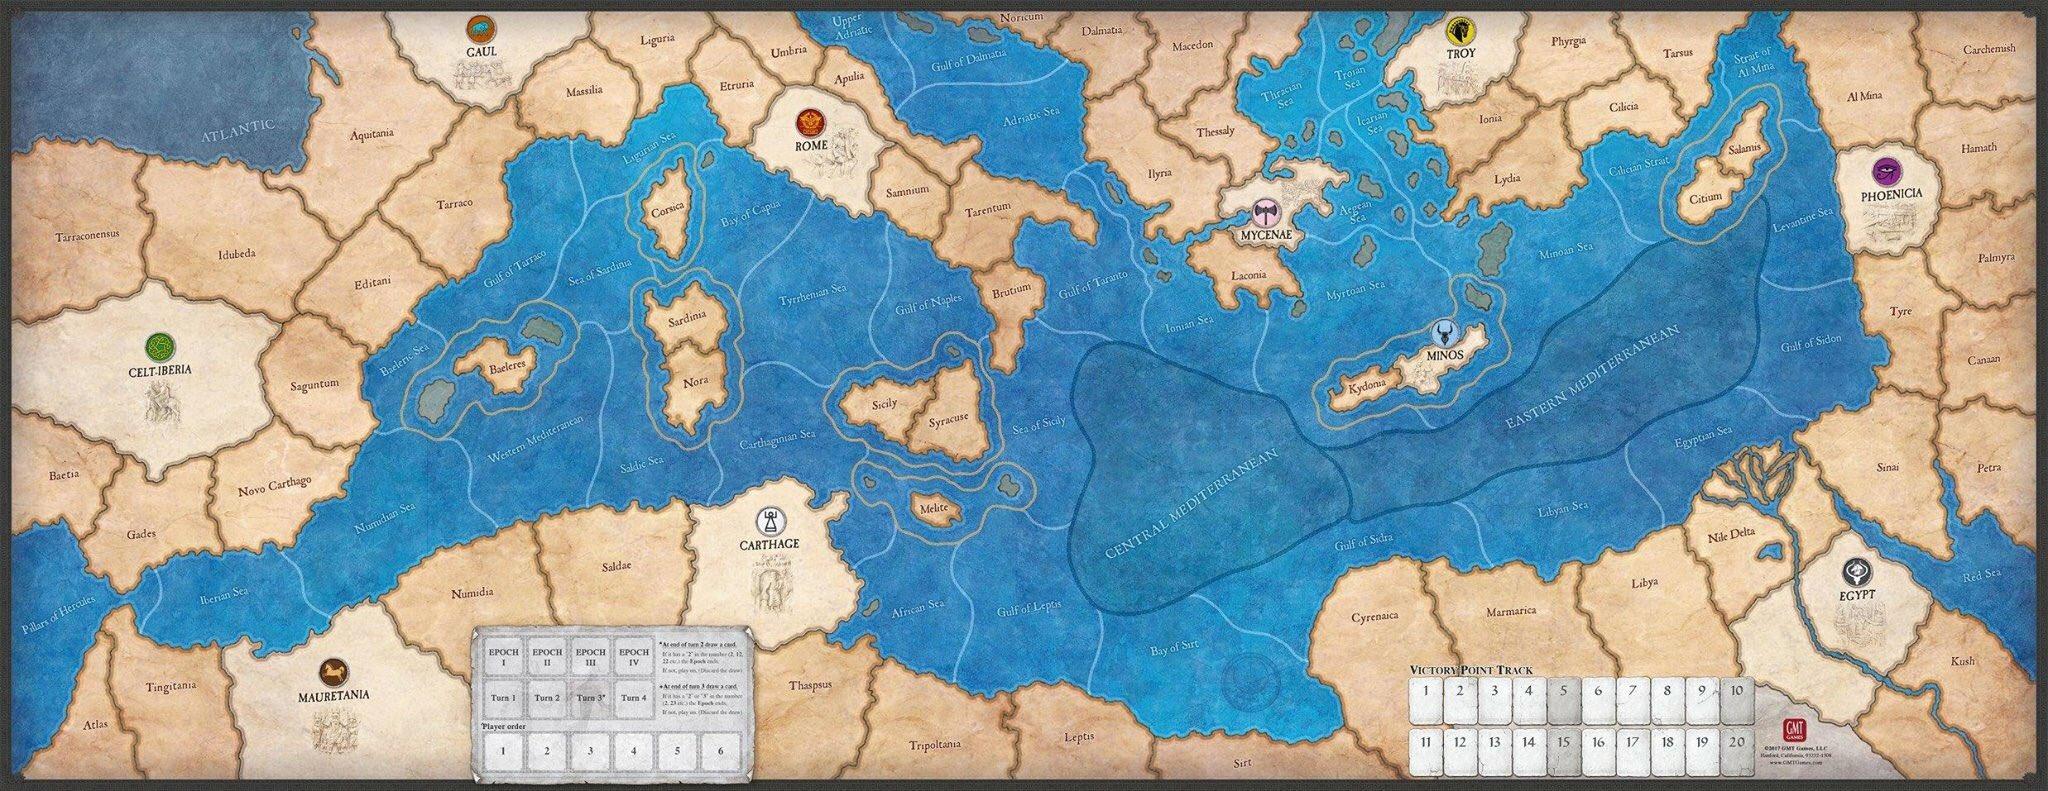 Ancient Civilizations Map